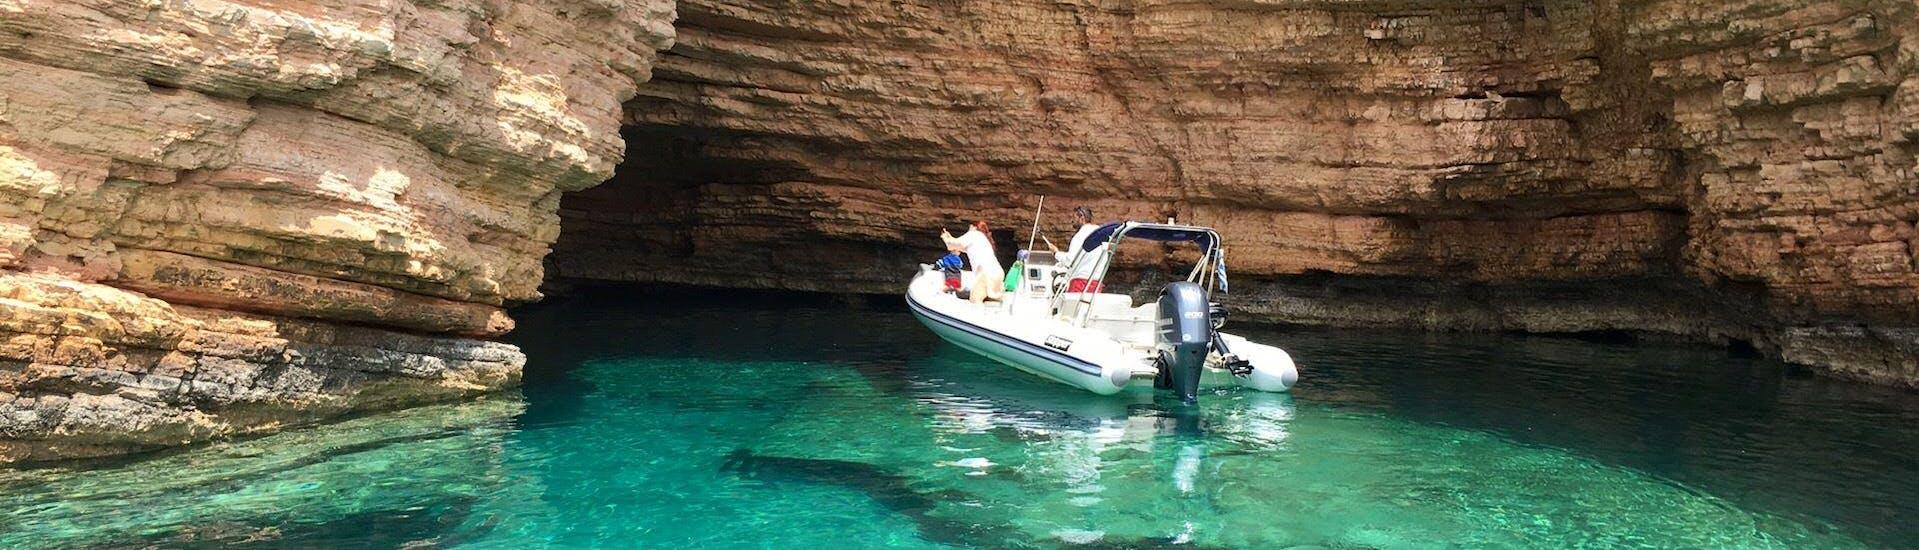 antiparos-boat-tour-in-paros-g3-boats-hero